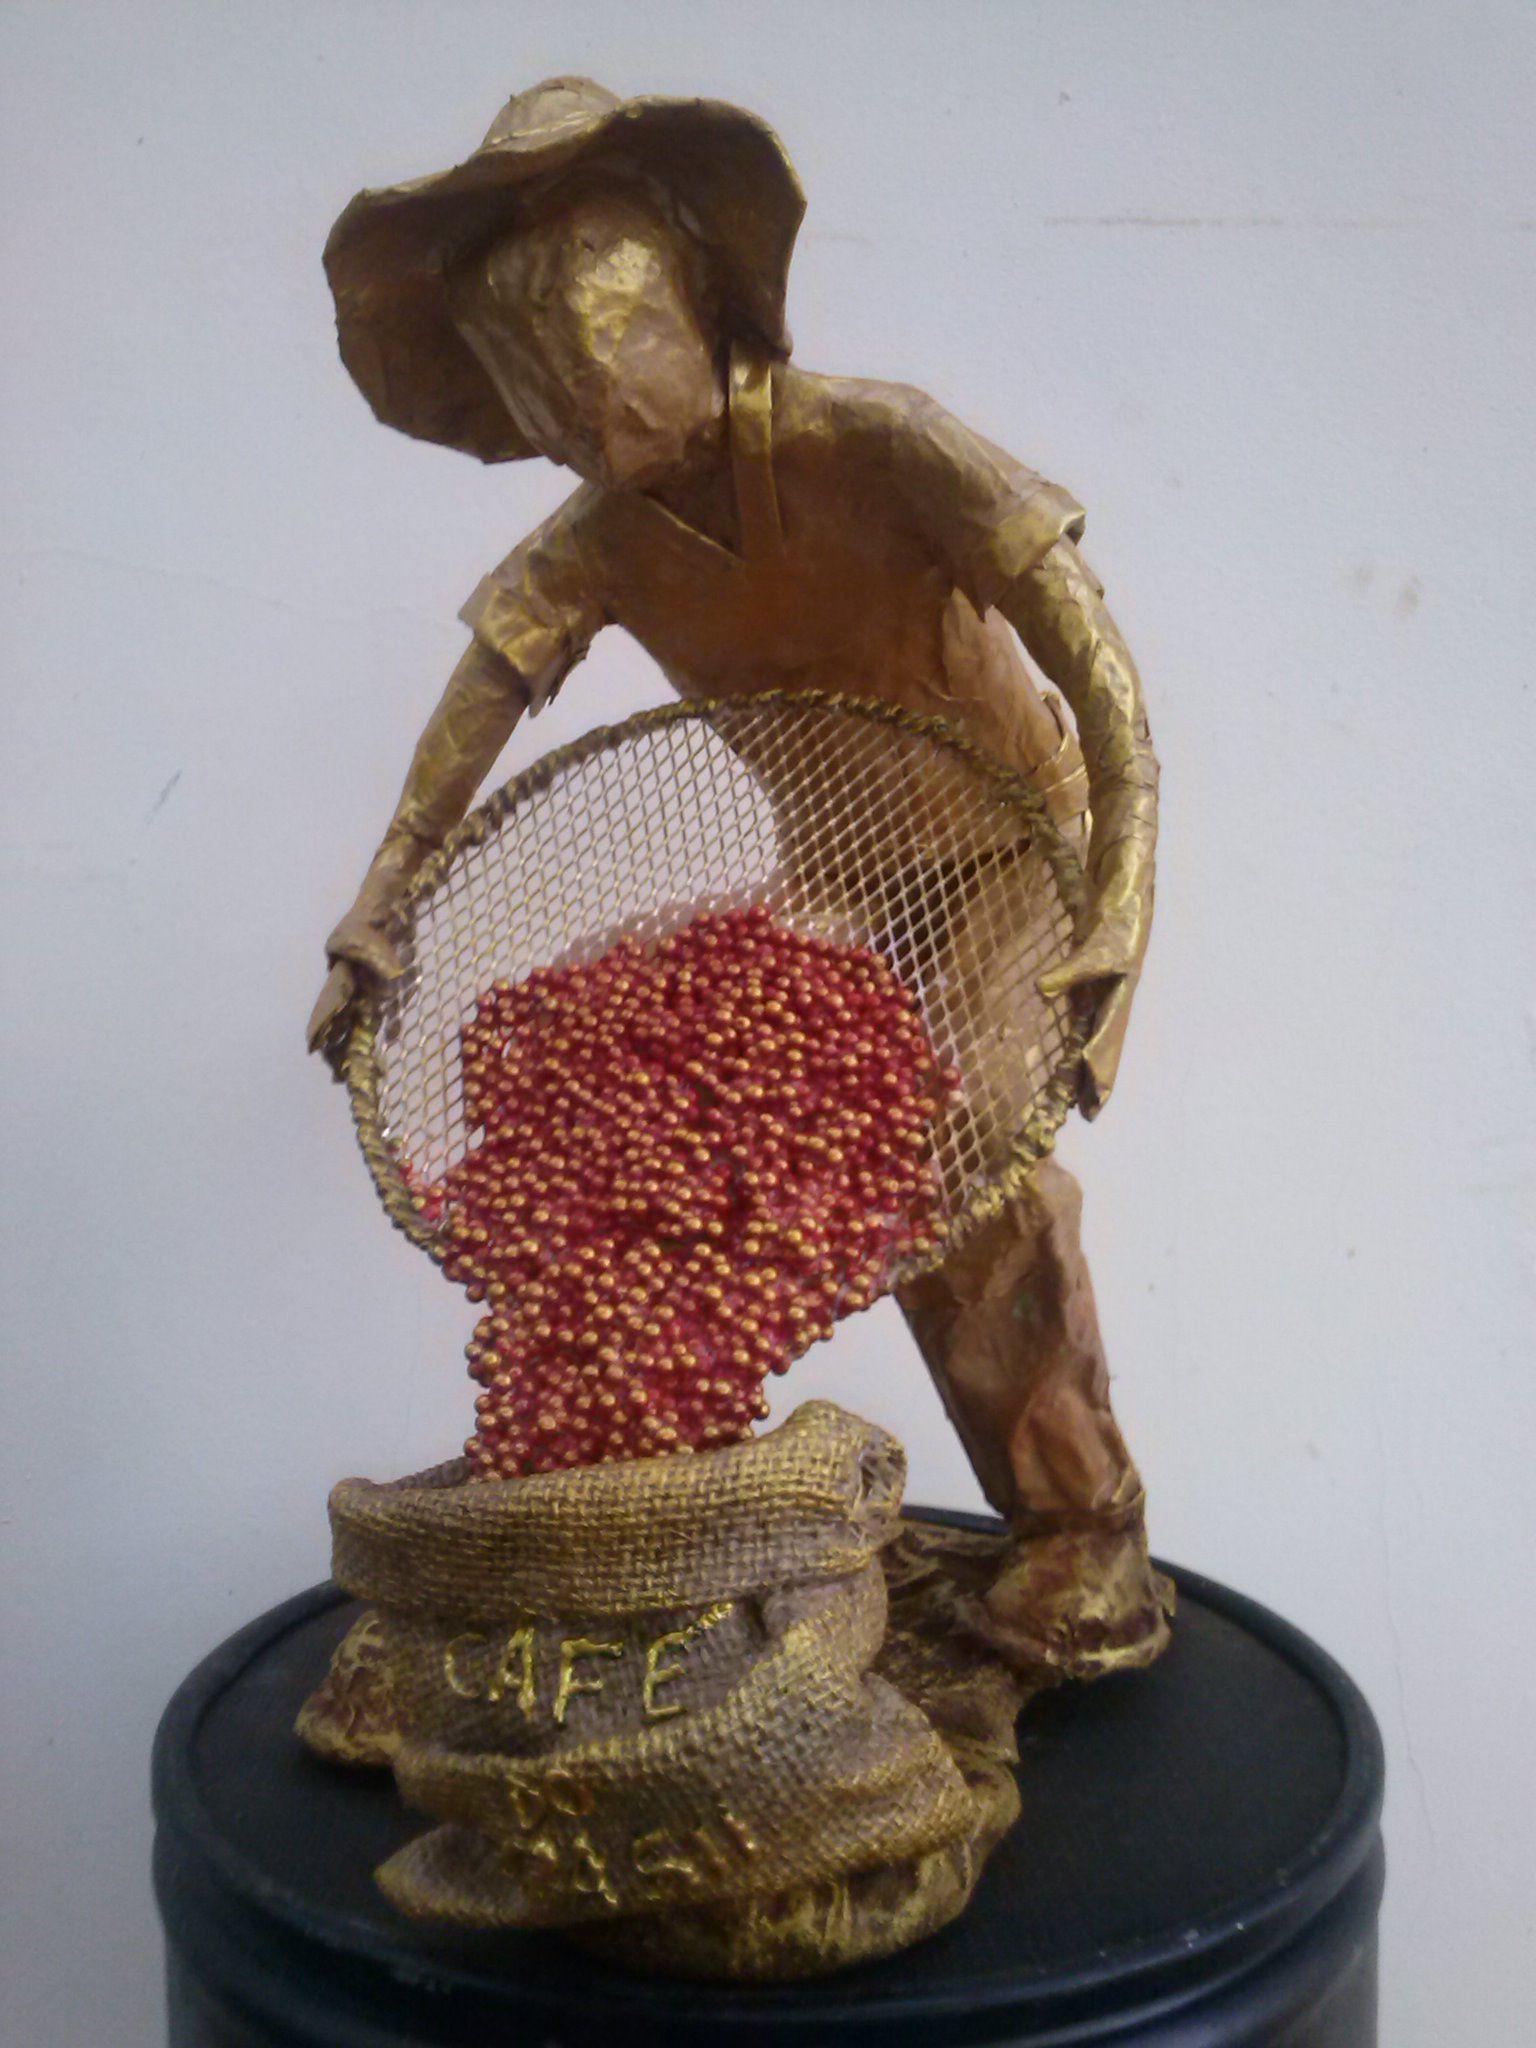 """ESSA OBRA : - CAFÉ DO BRASIL """" - FARA PARTE DO ACERVO DO """" UBERSEE - MUSEUM BREMEN, REPRESENTANDO ROLÂNDIA NA ROTA DO CAFÉ"""